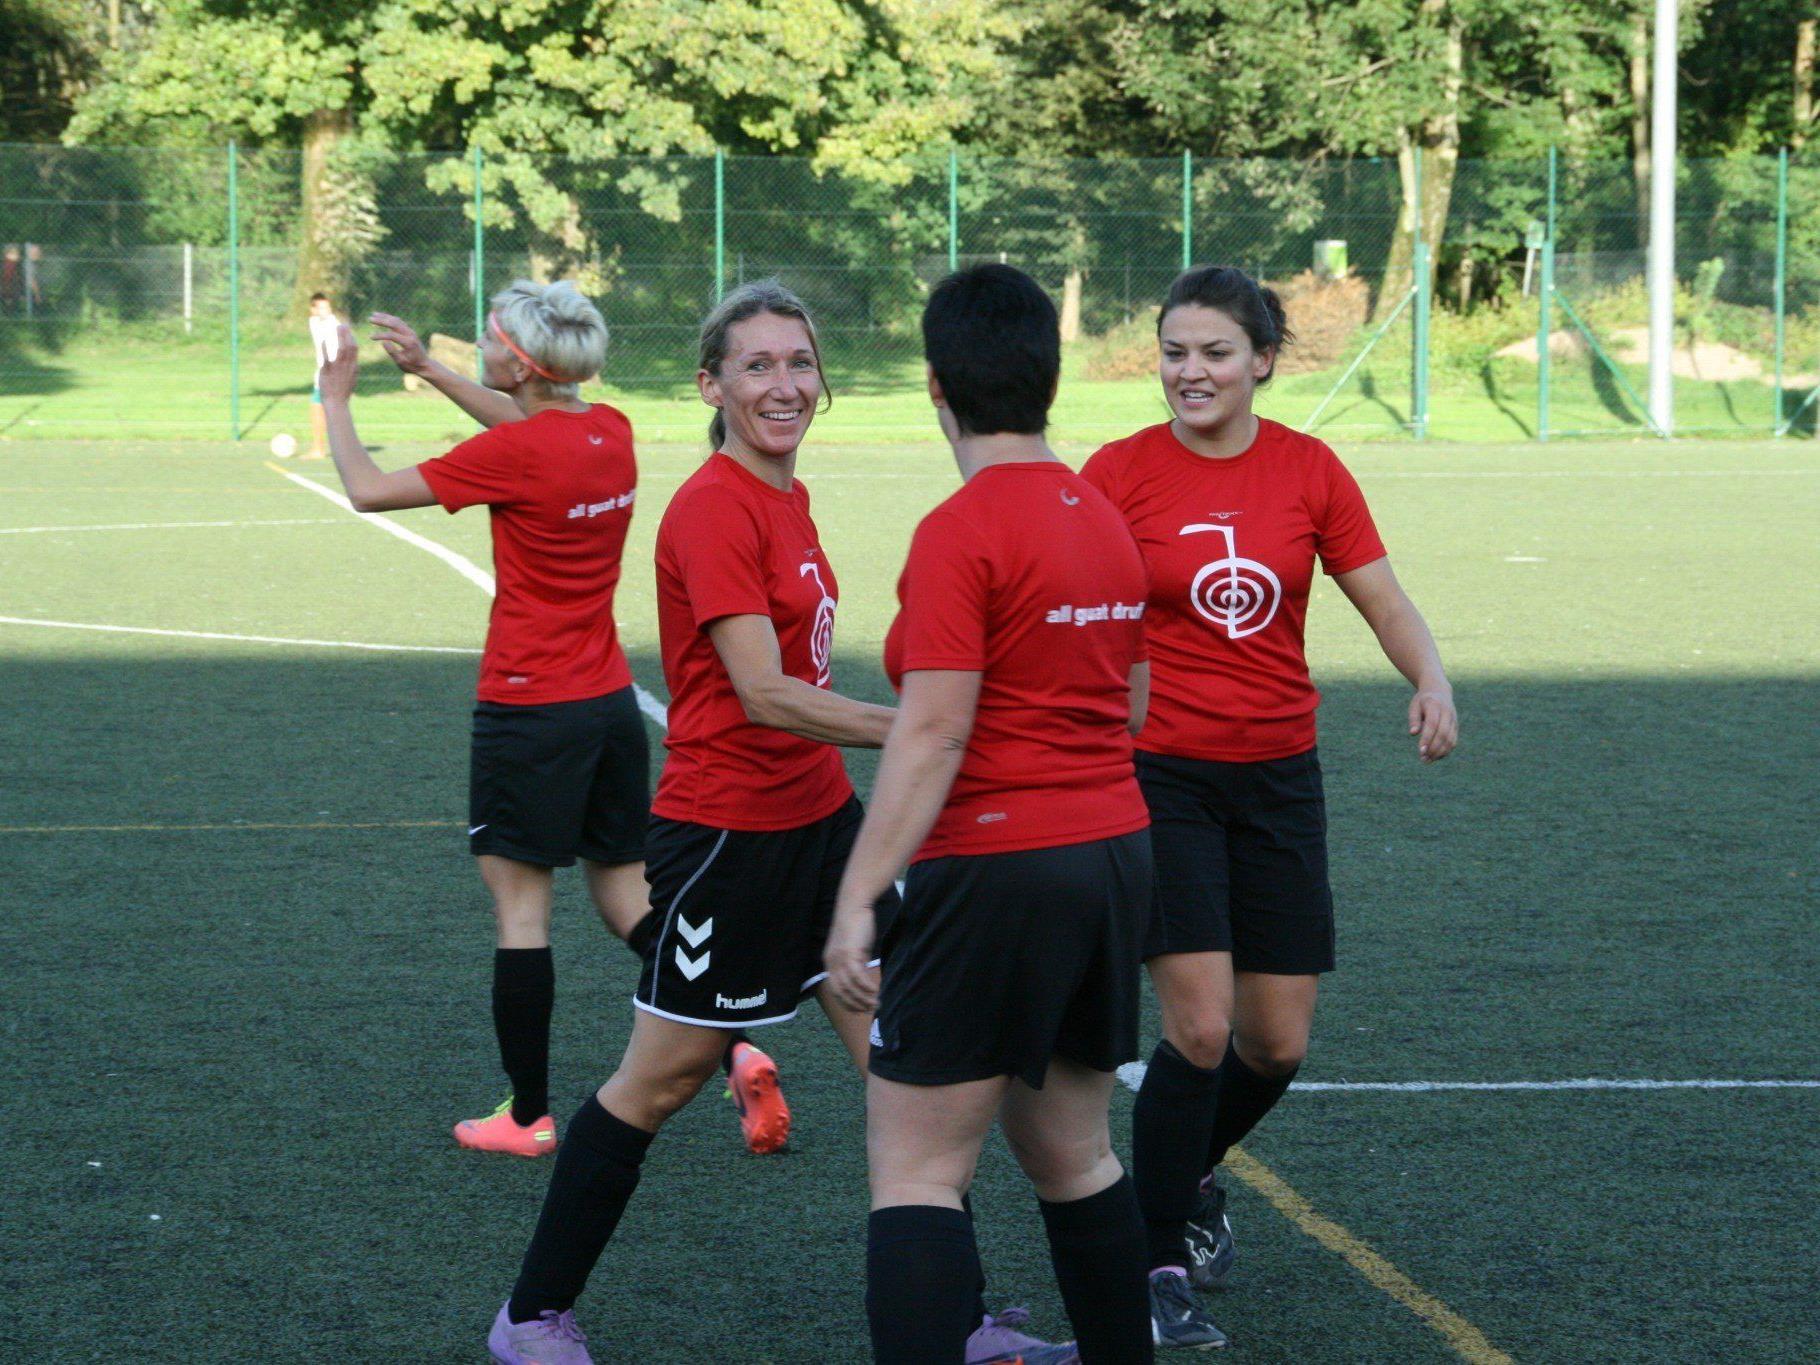 Spaß steht beim Damenfußballturnier am 13. Juli im Vordergrund.